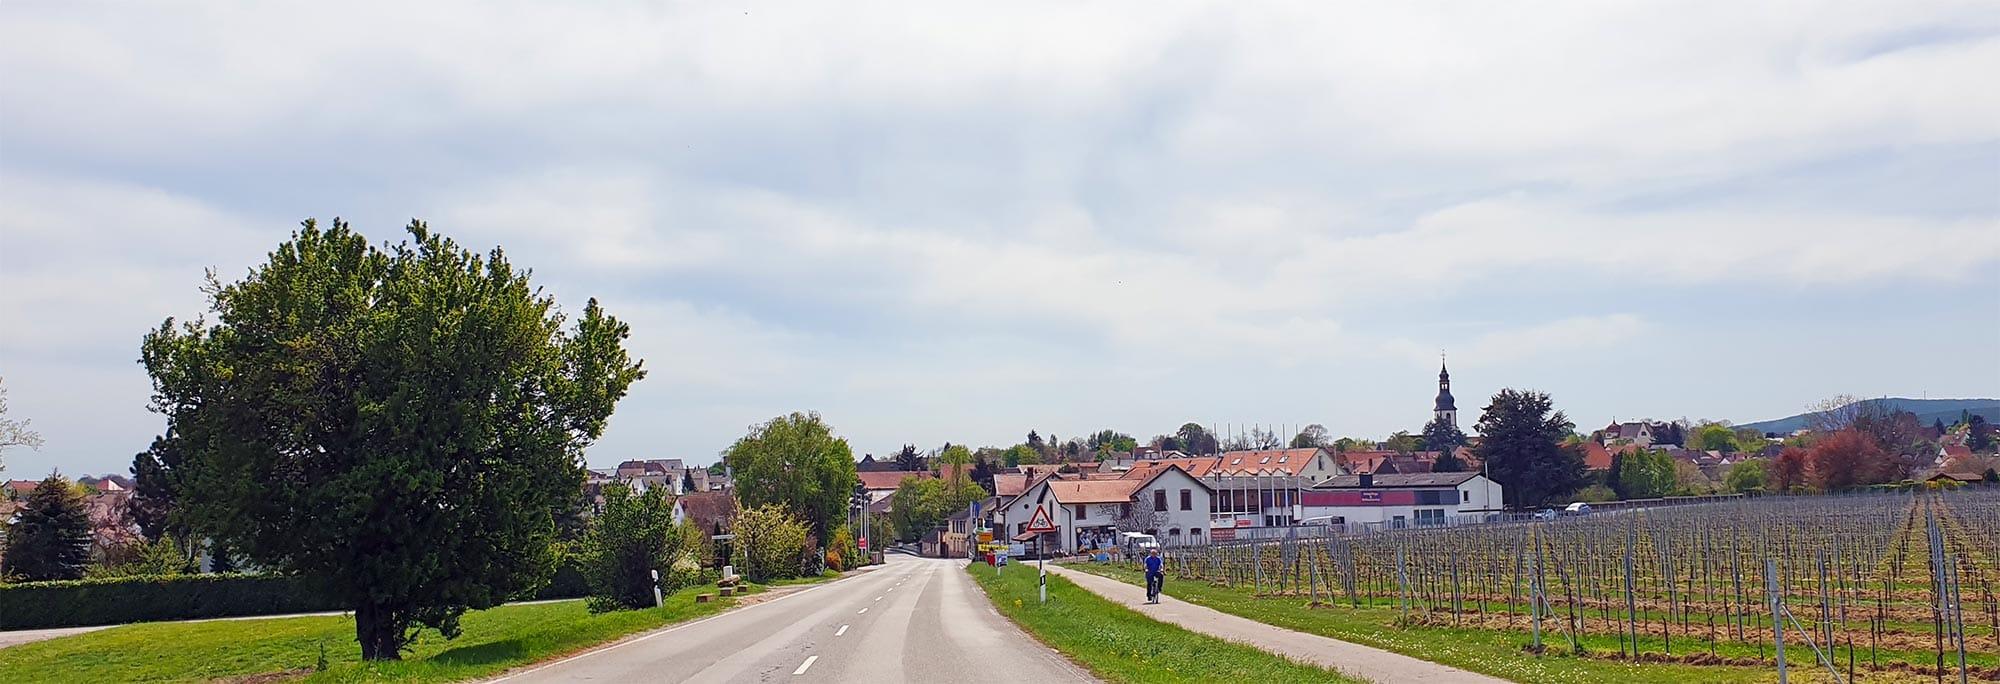 Kirchheim an der Weinstraße